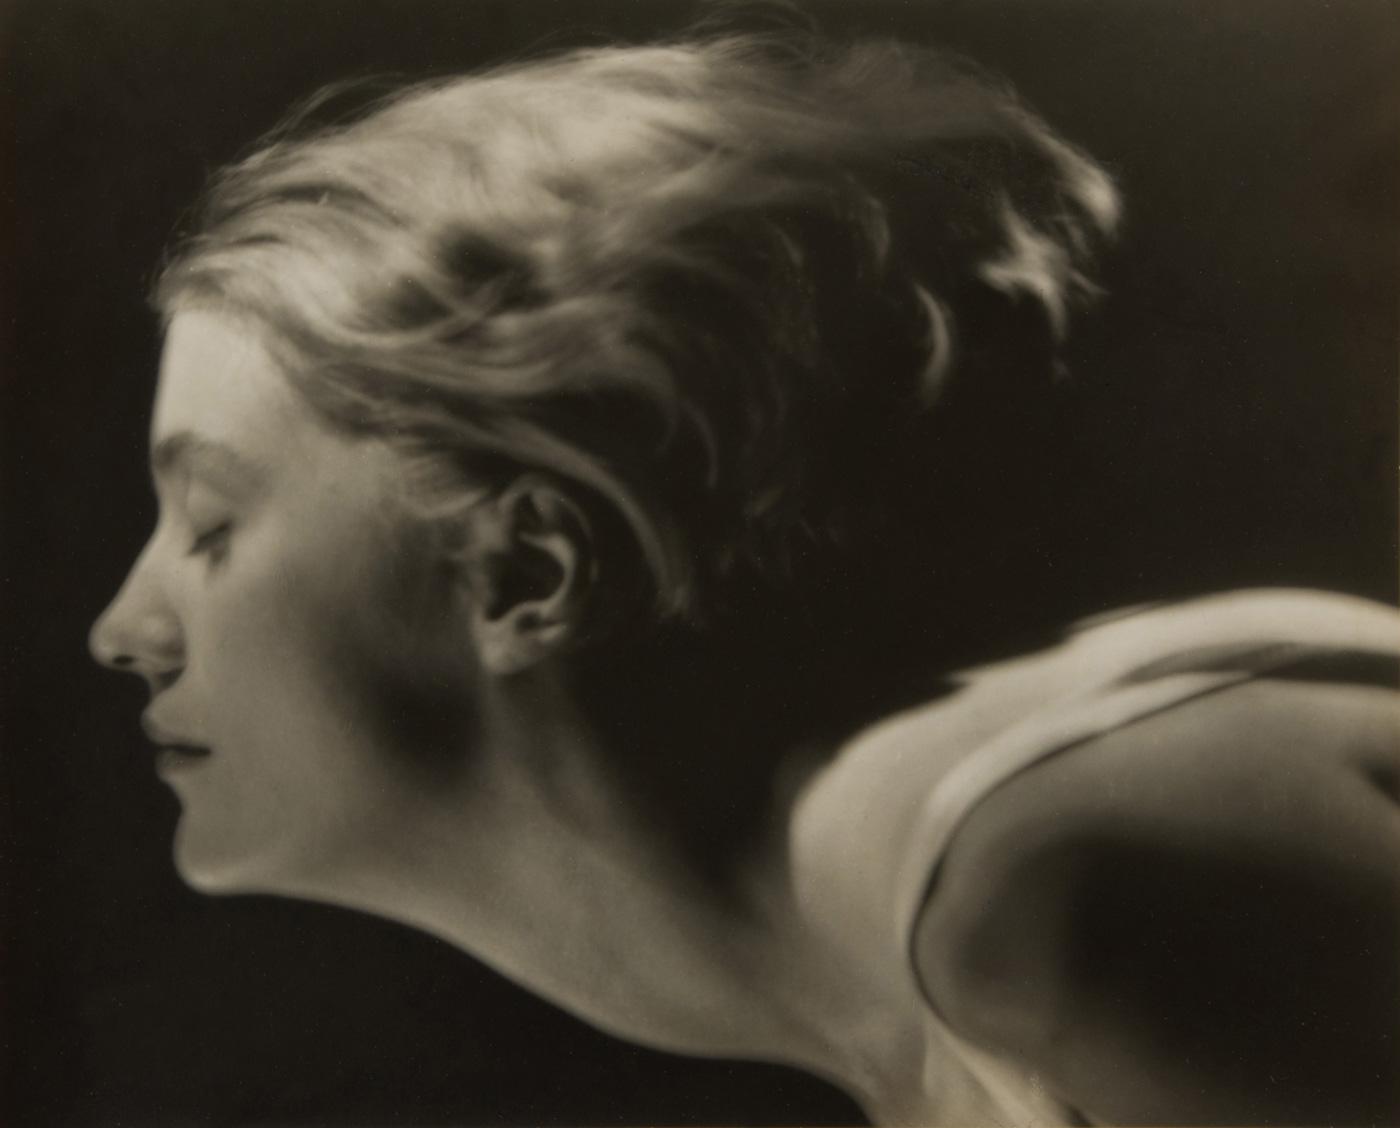 Lee miller nude Nude Photos 74